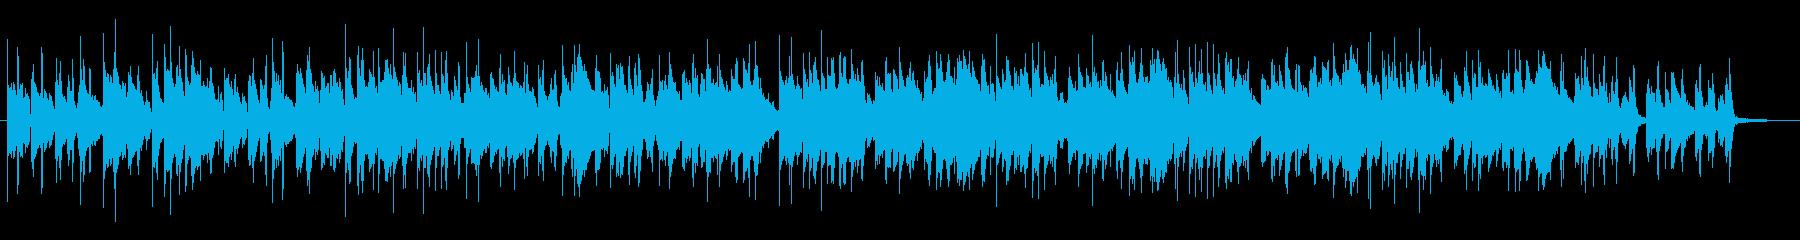 スイングポップス(ピアノとベル)の再生済みの波形